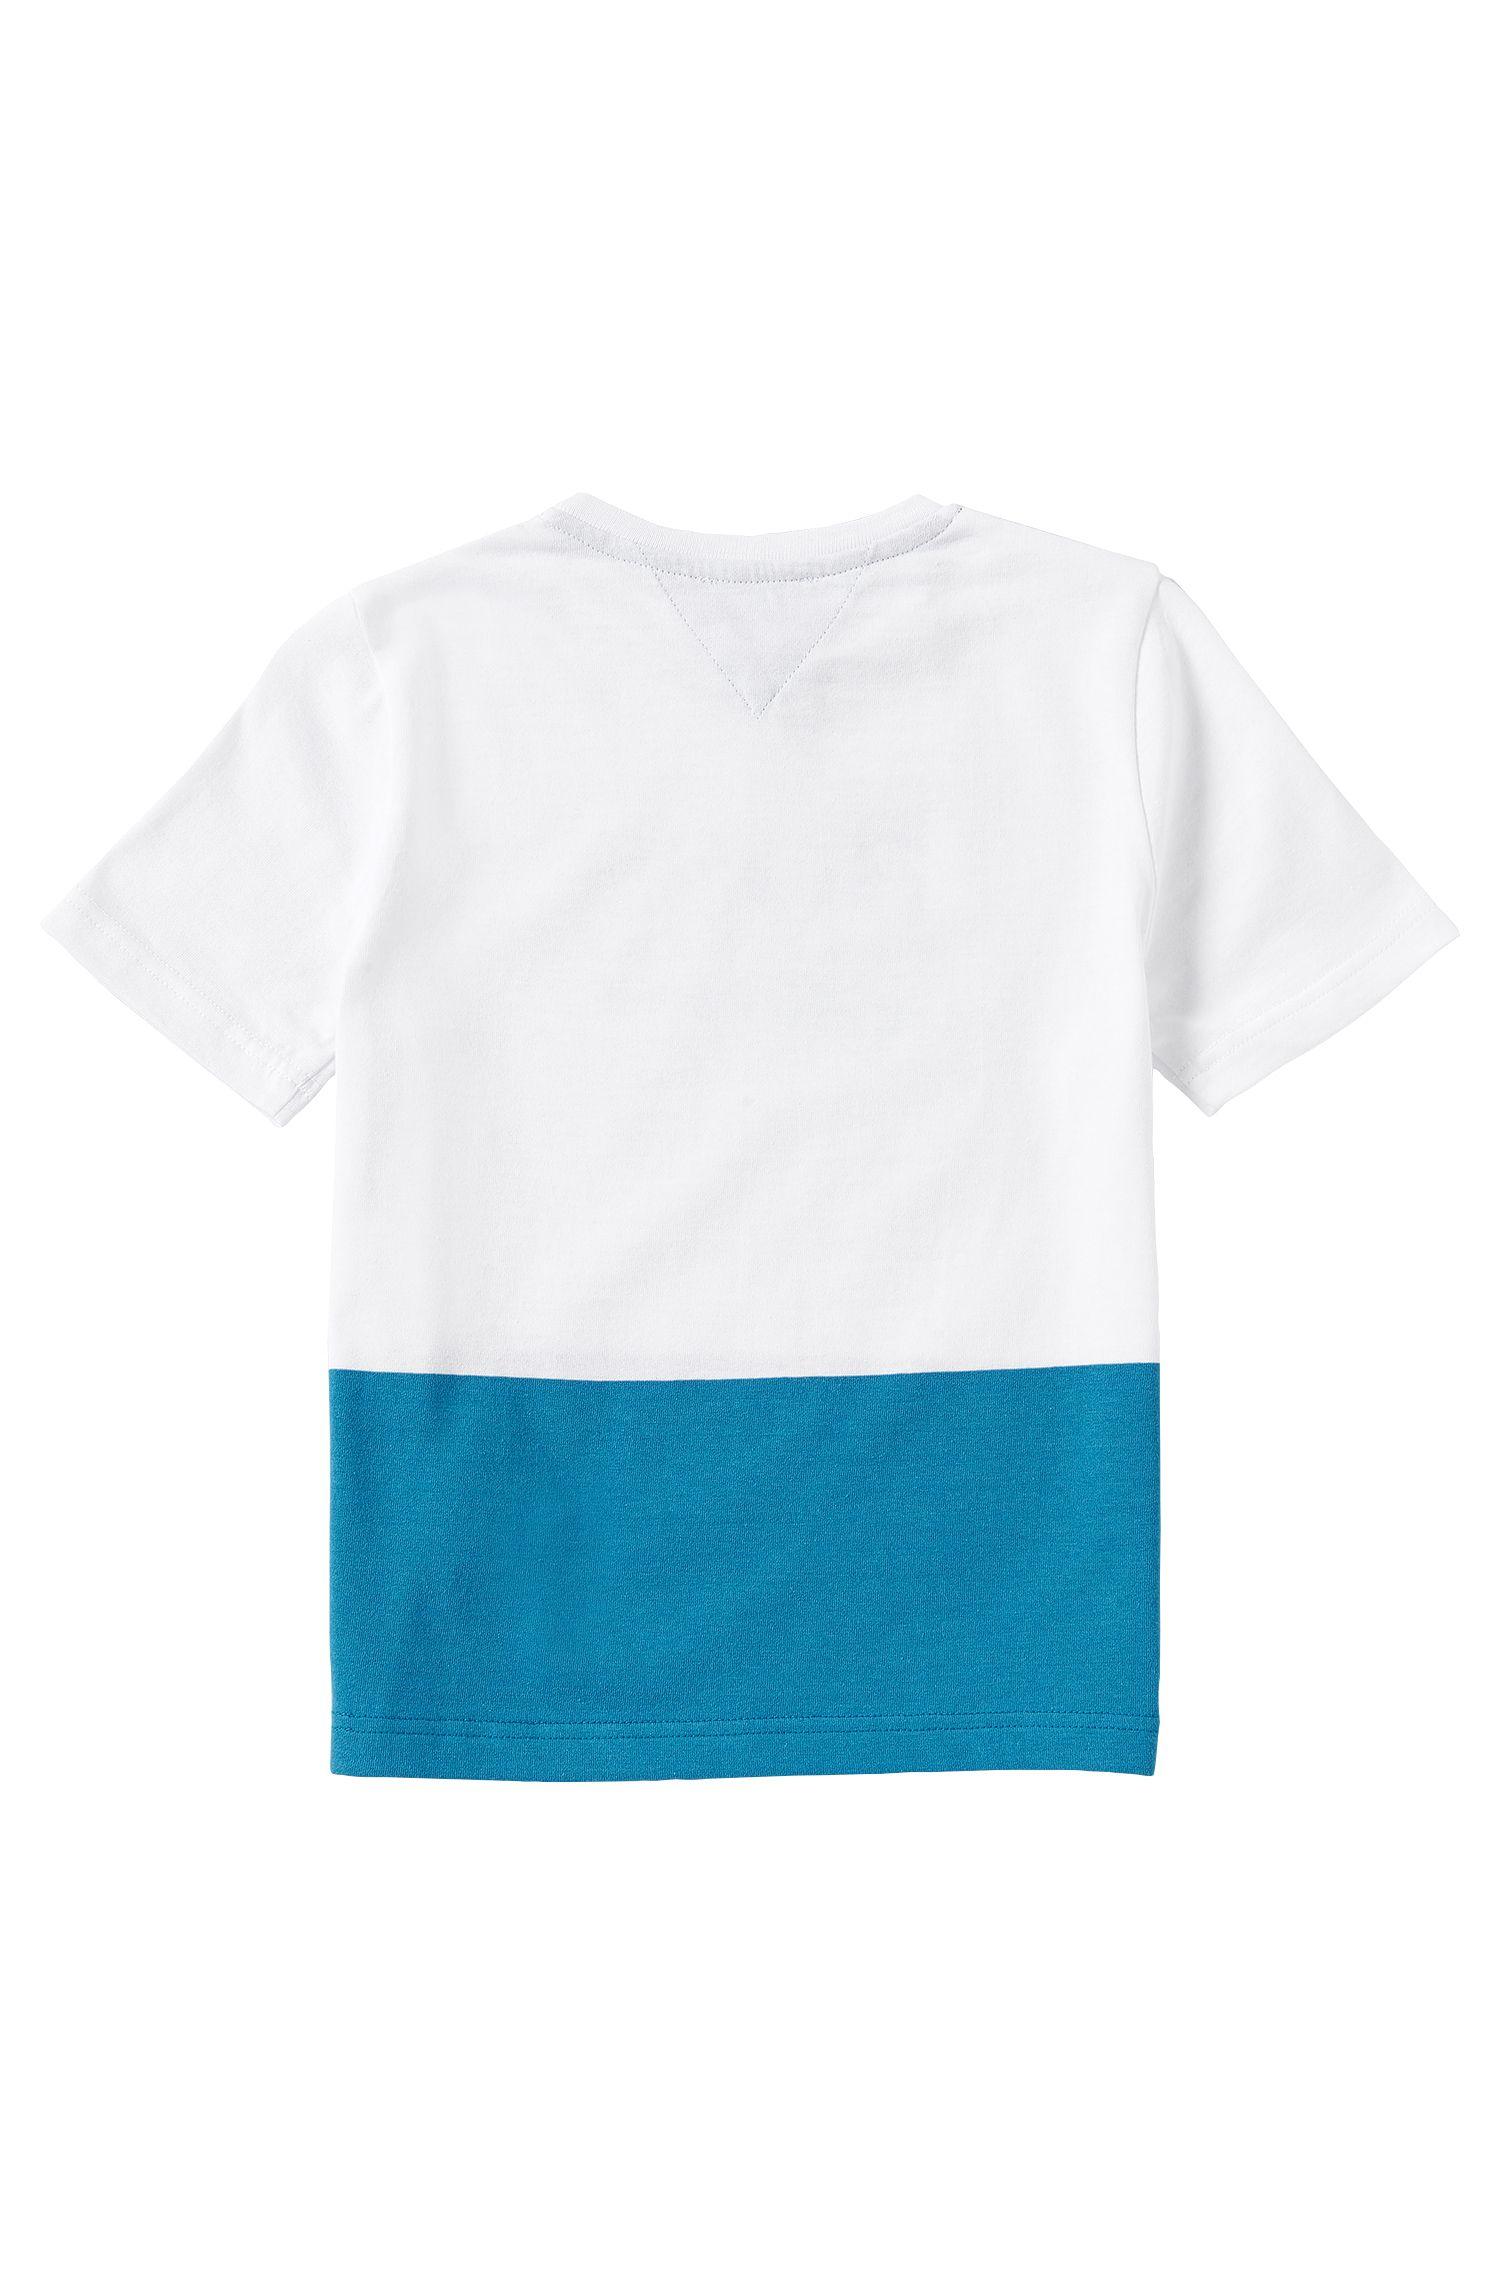 Kinder-T-shirt 'J25785' van katoen